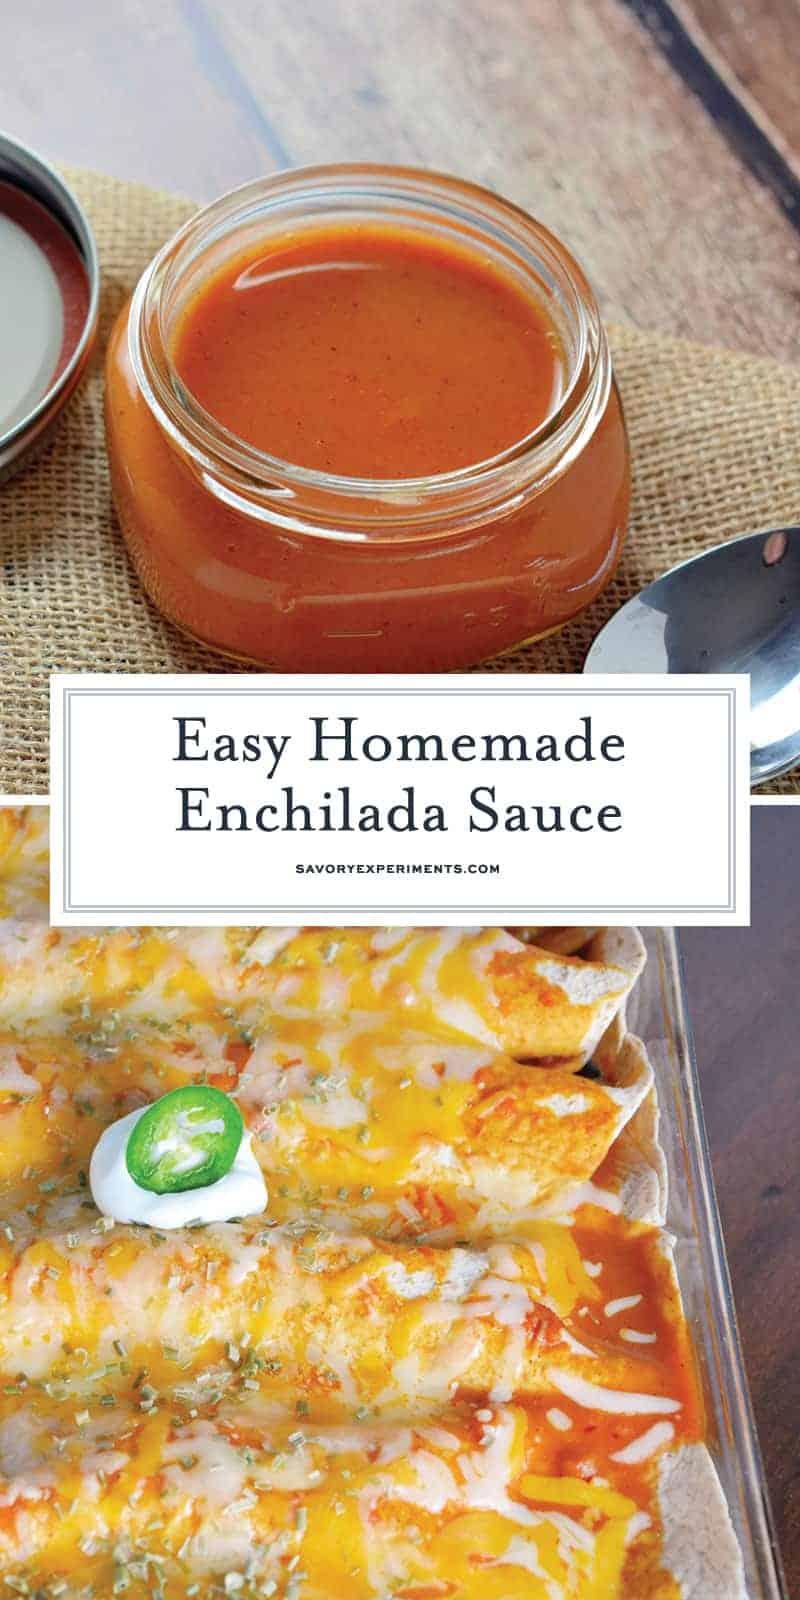 Homemade Enchilada Sauce for Pinterest